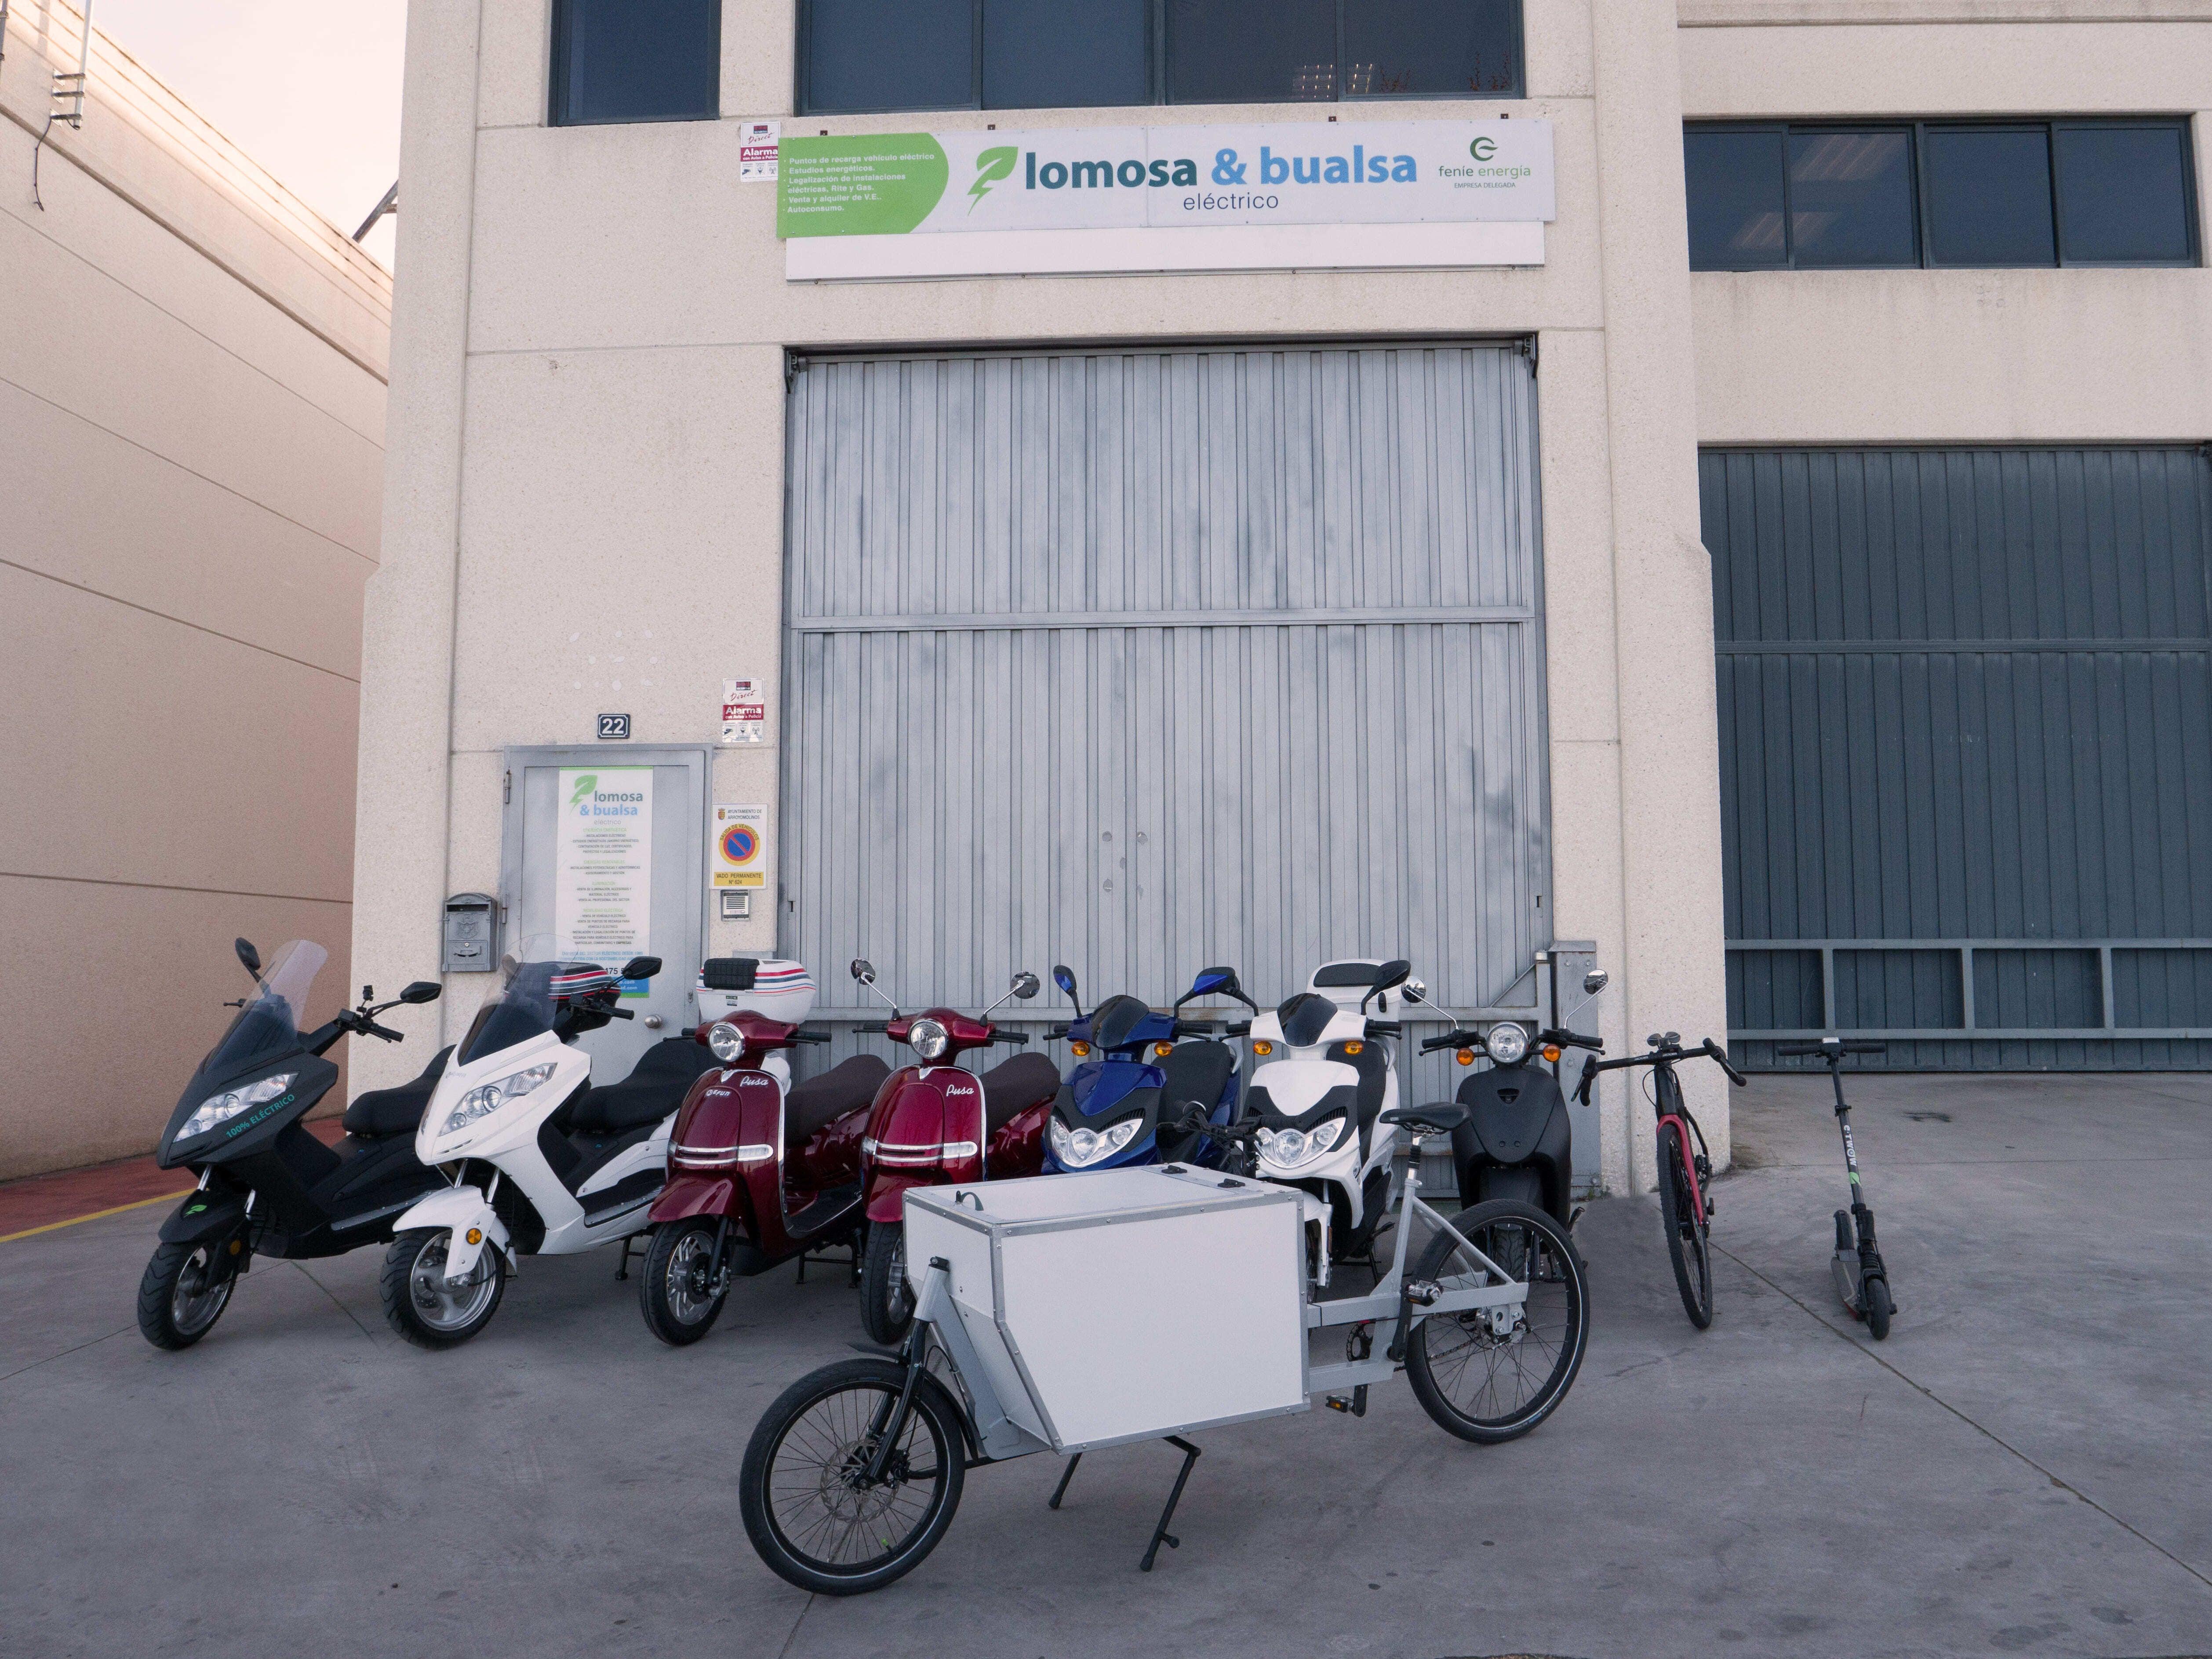 Movilidad eléctrica: comodidad y ecología en tu transporte - Alfredo López Buedo, especialista en alquiler de vehículos eléctricos en Barcelona.